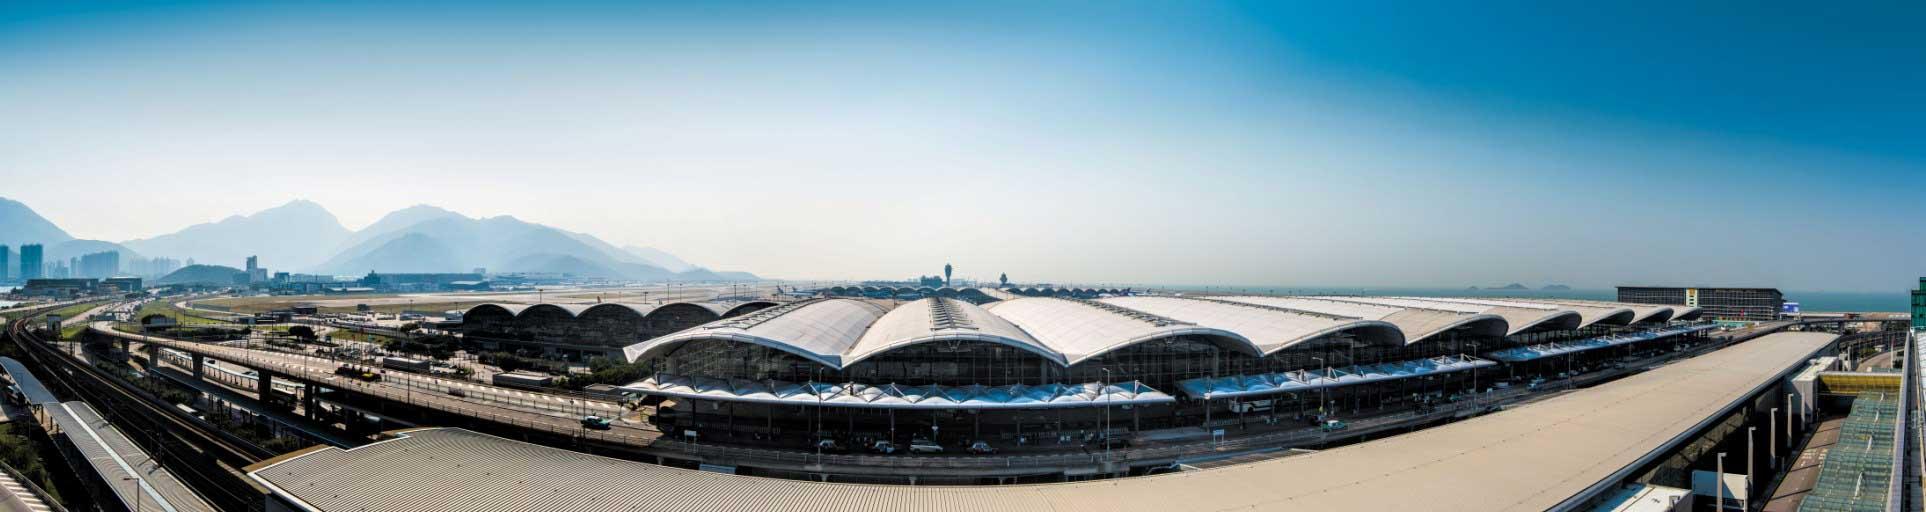 2017年Skytrax最佳機場排名中,香港國際機場位例第五,屬較前位置,惟落後區內競爭對手、榜首的新加坡樟宜機場4名。(香港國際檵場網頁)